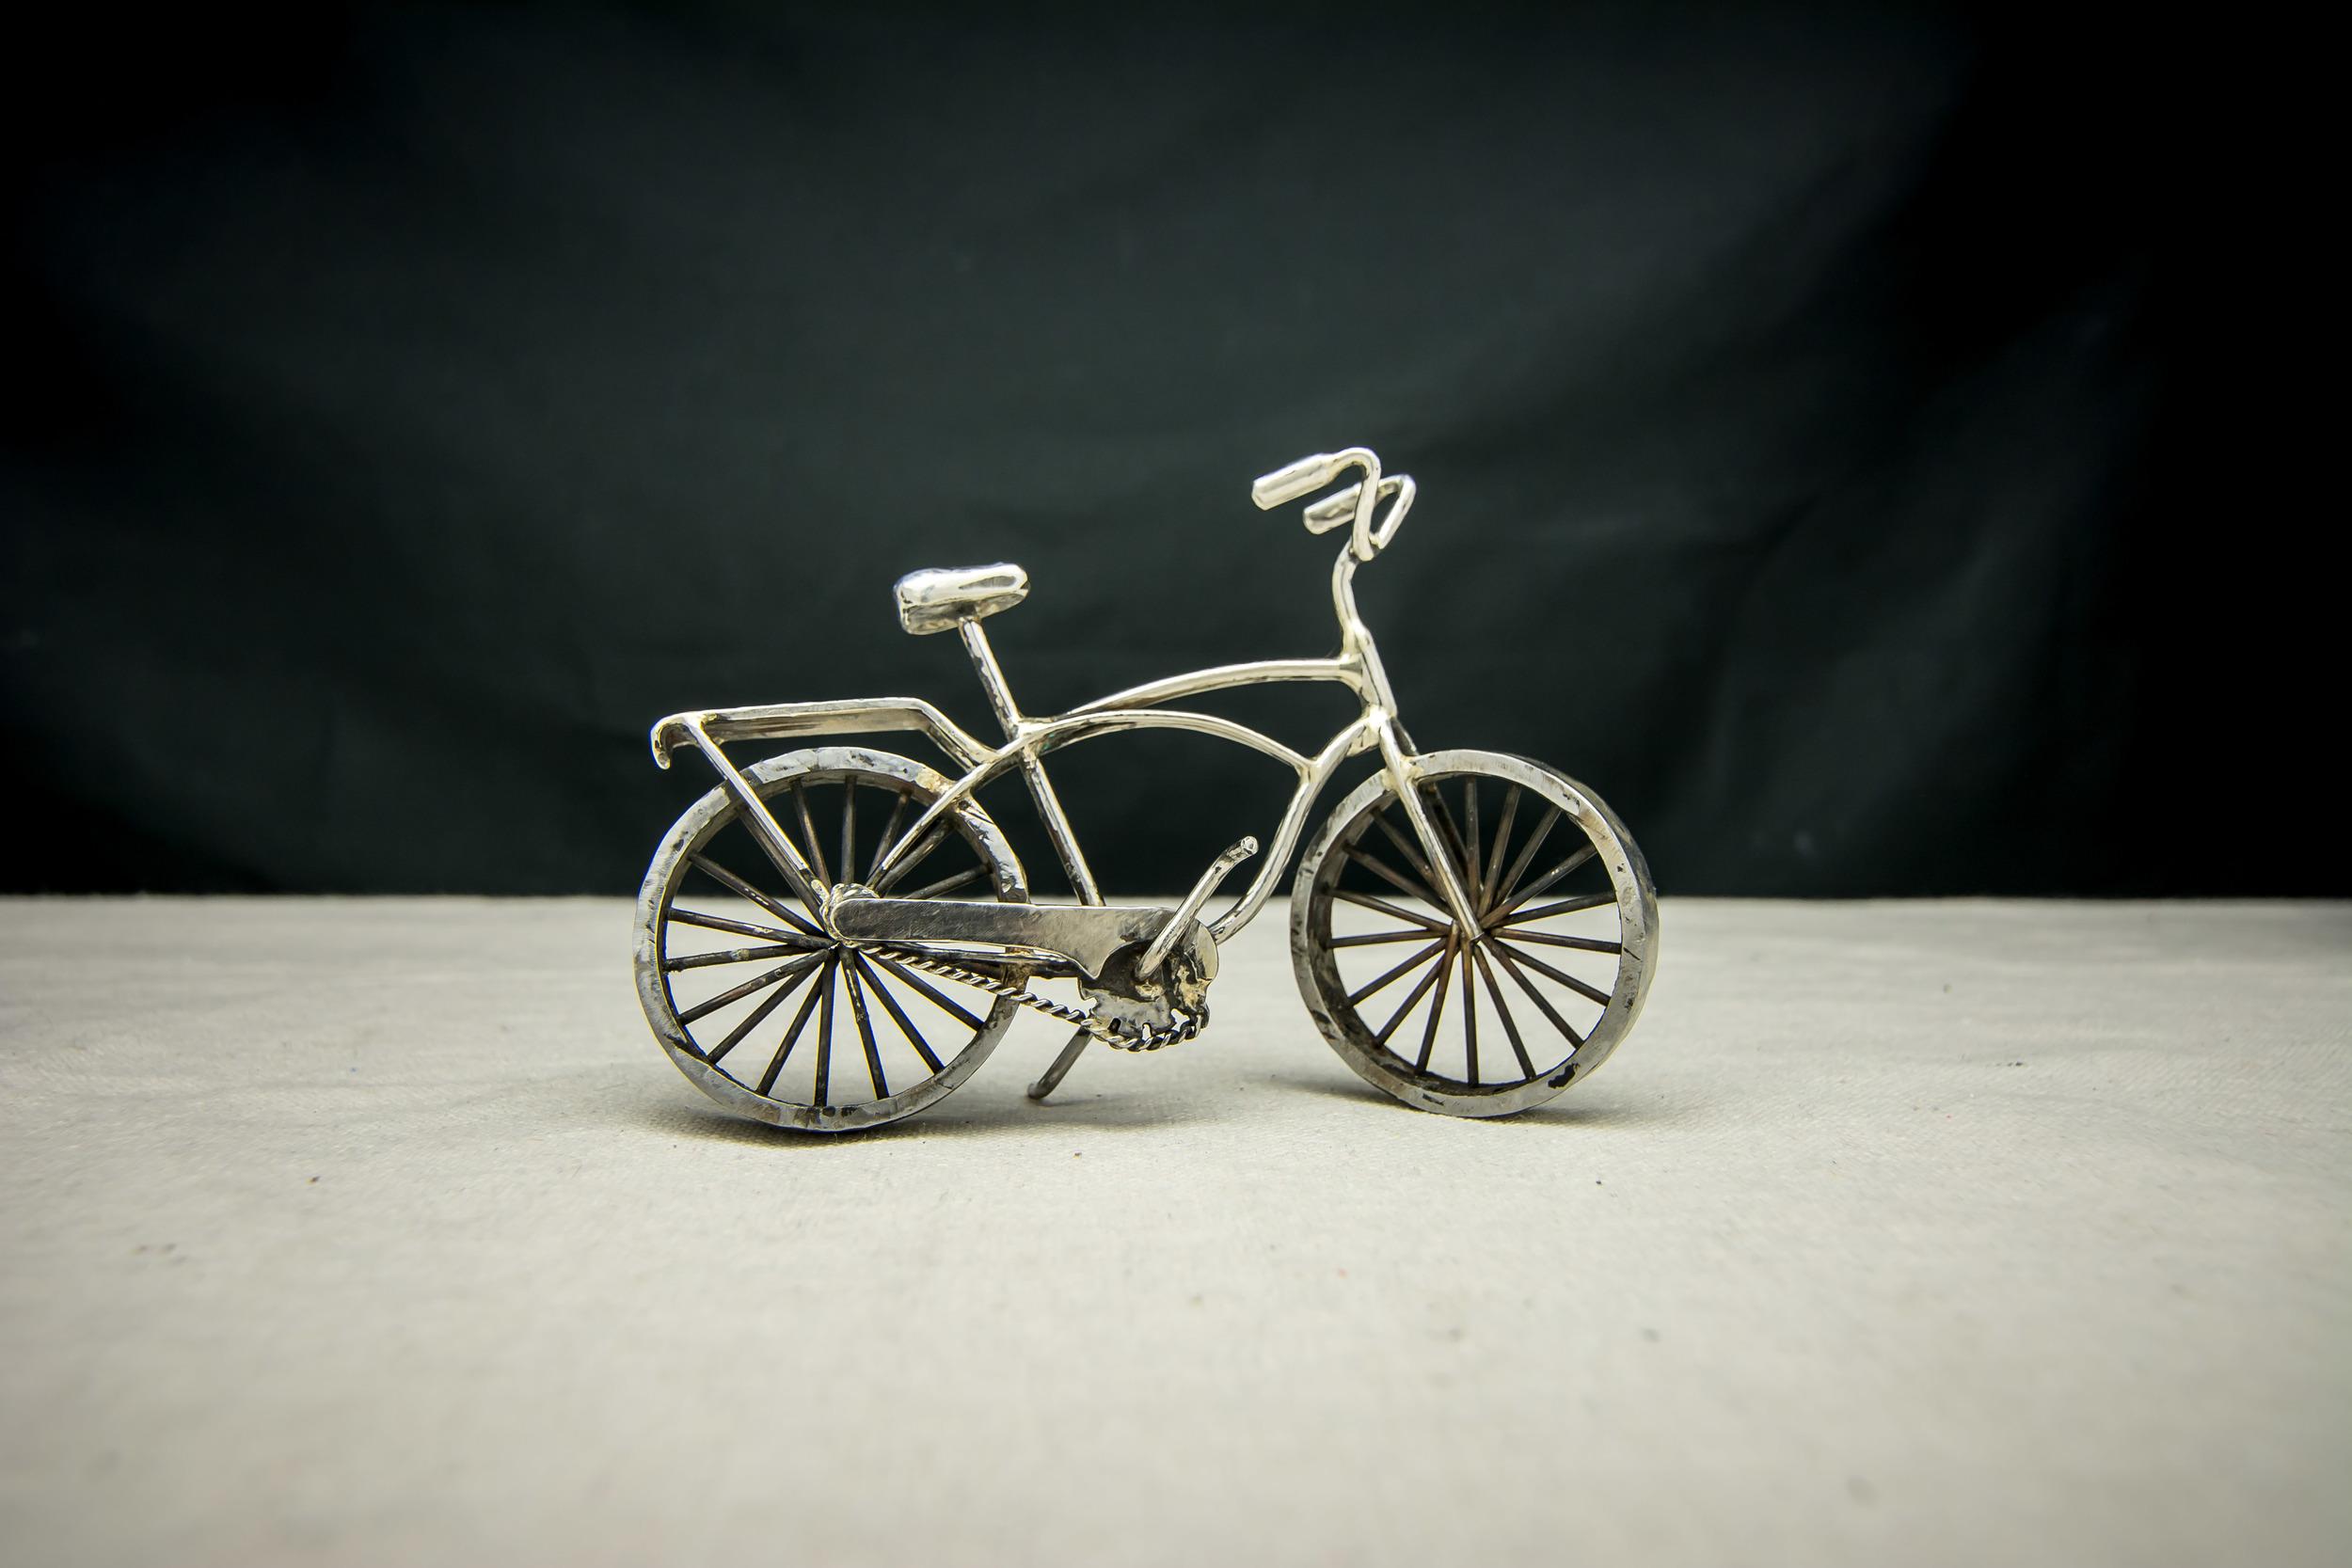 schwinn bike 11mm-4.jpg